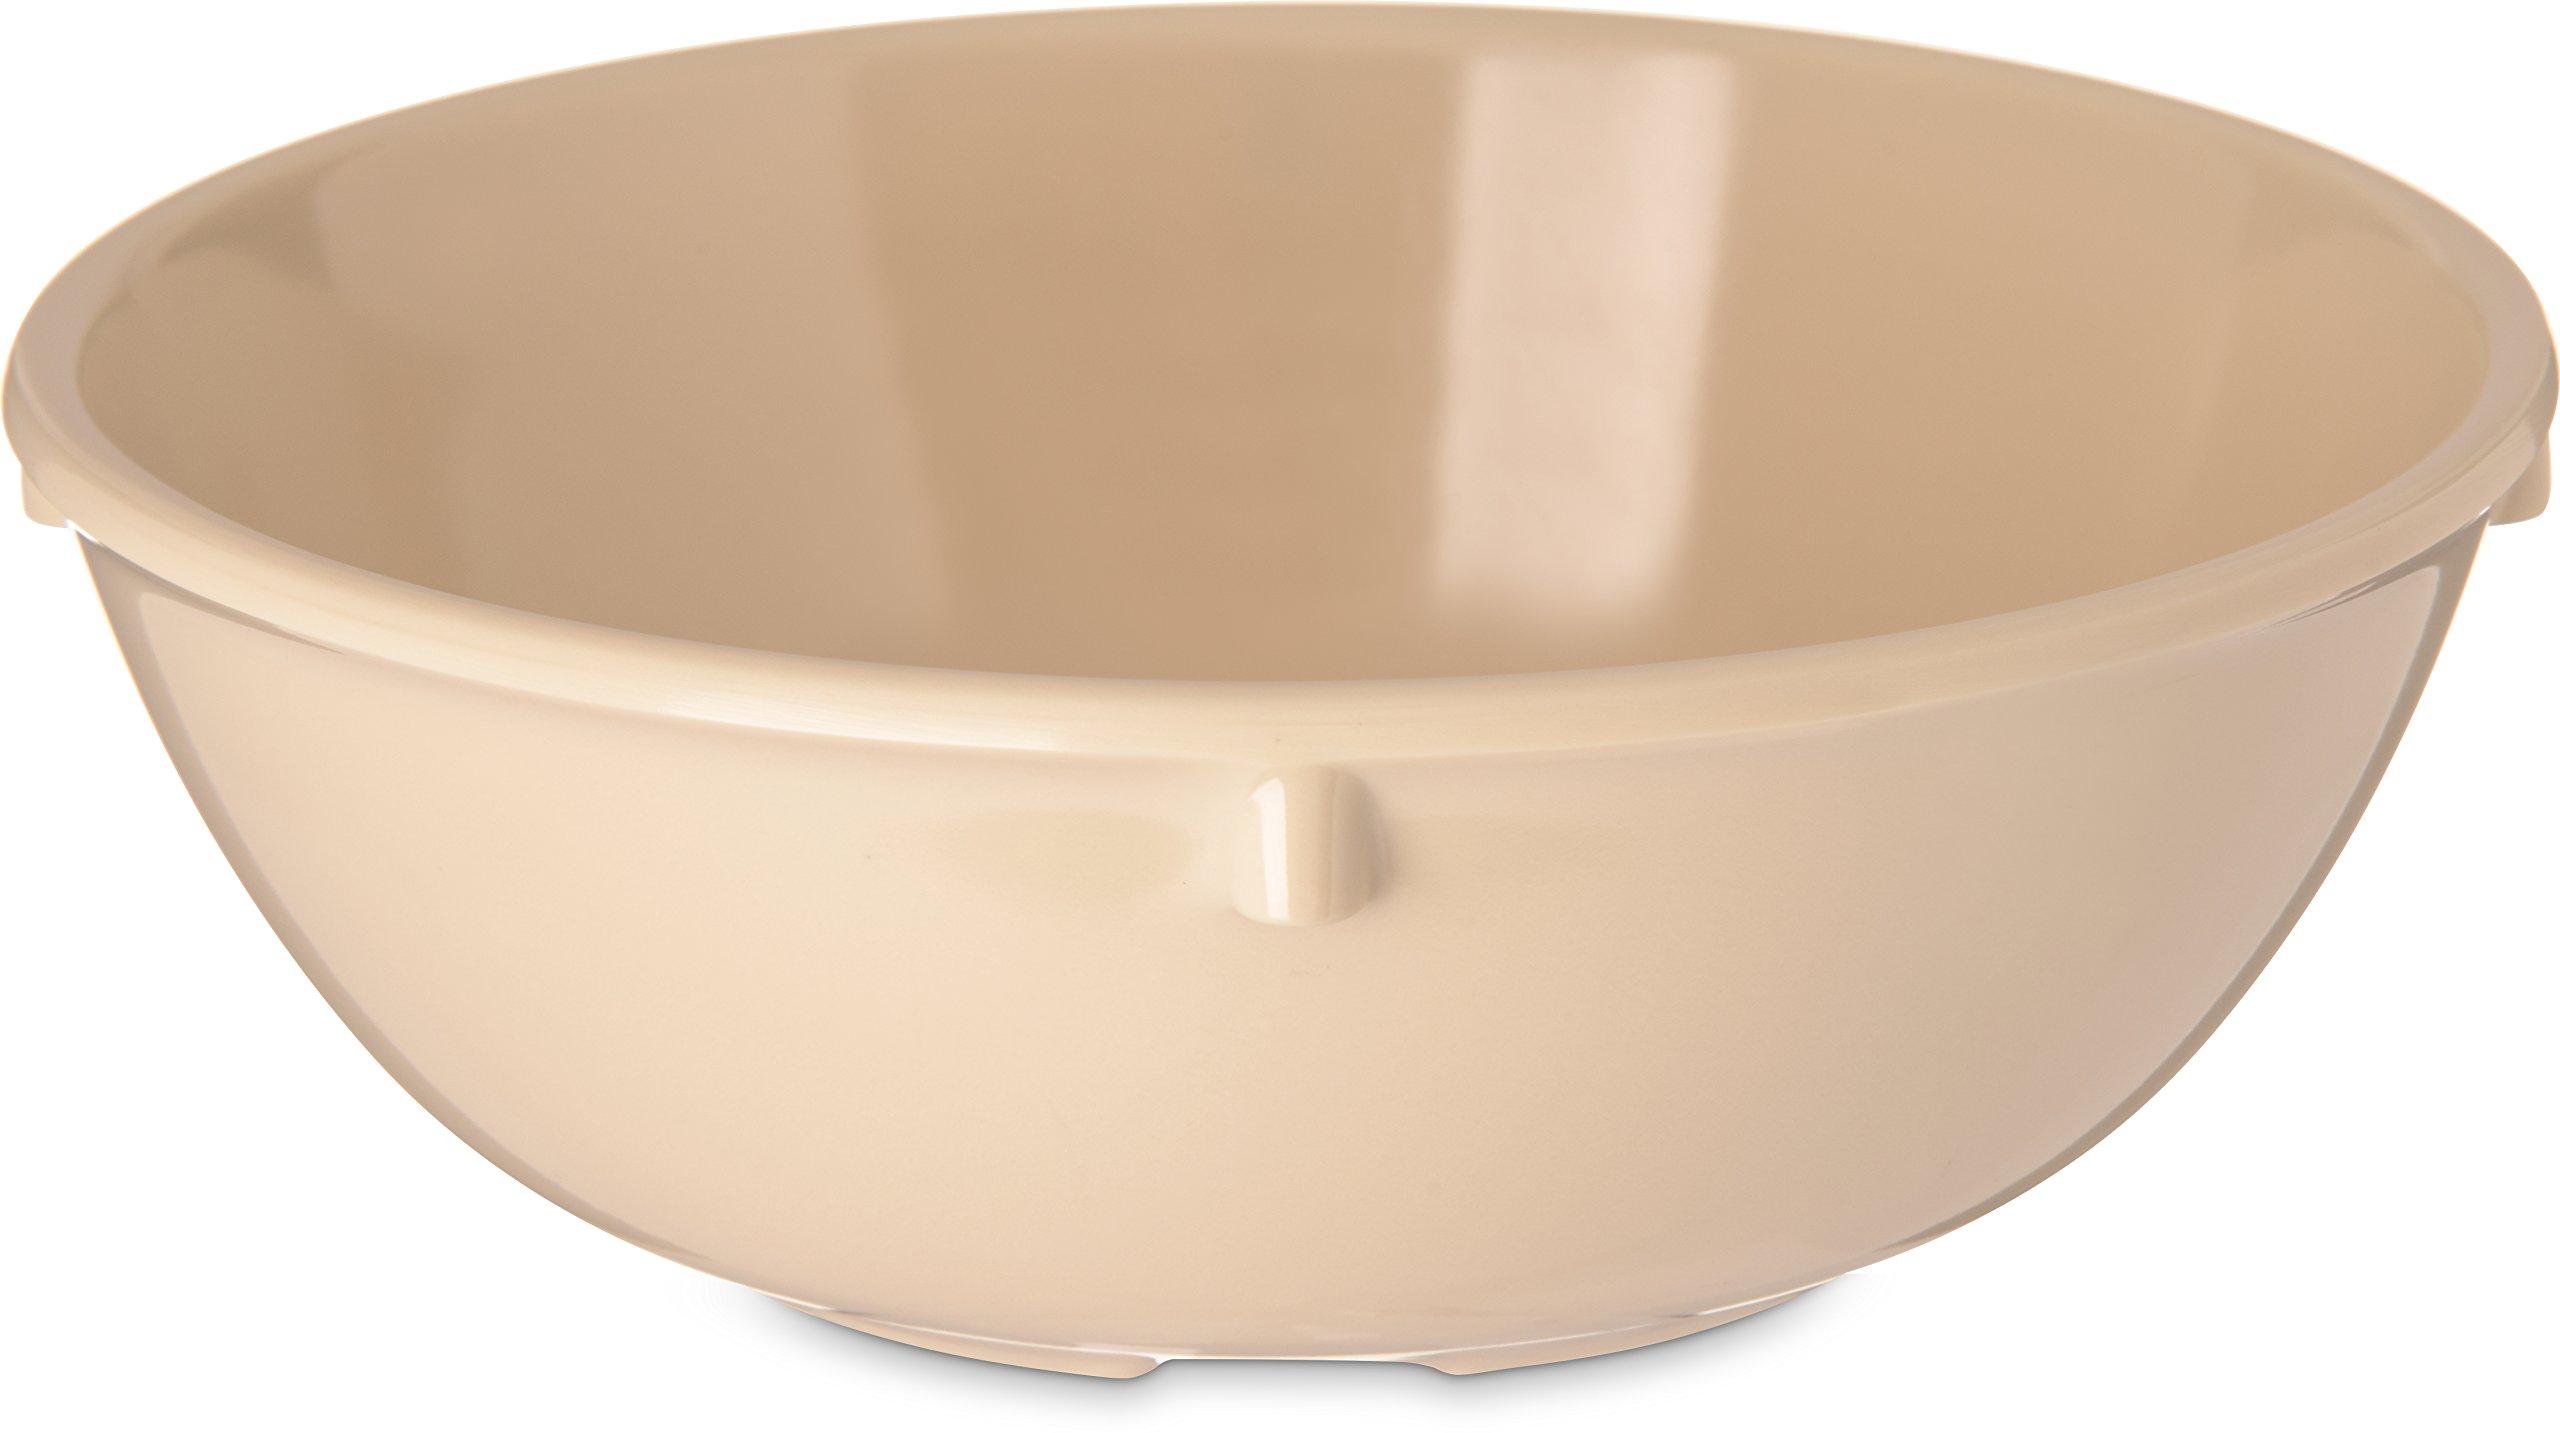 Carlisle 4352825 Dallas Ware Melamine Nappie Bowl, 10 oz., 1.81 x 4.96'', Tan (Case of 48)